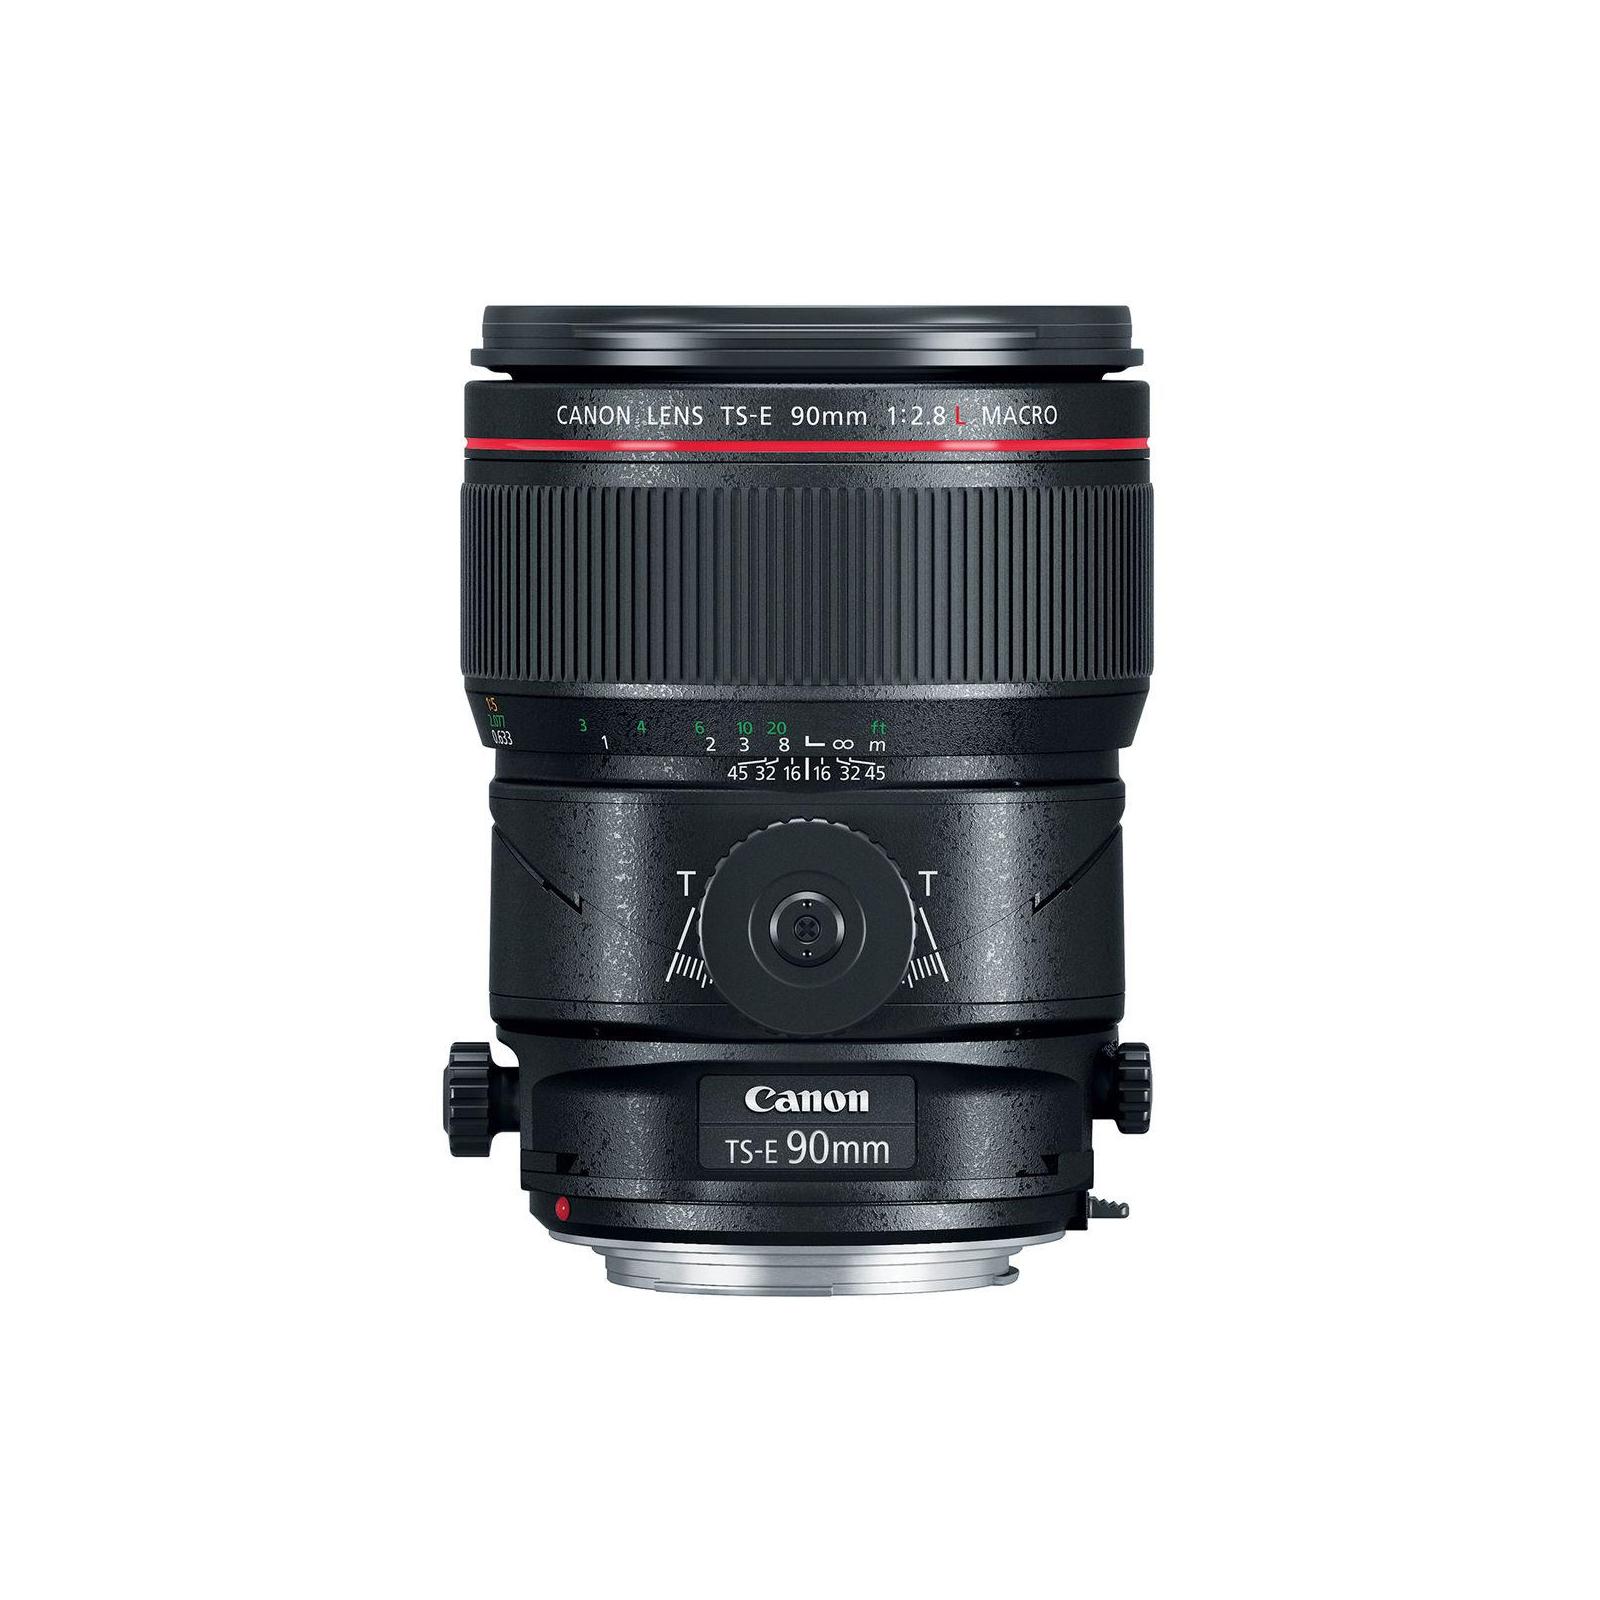 Объектив Canon TS-E 90mm f/2.8 L Macro (2274C005) изображение 2